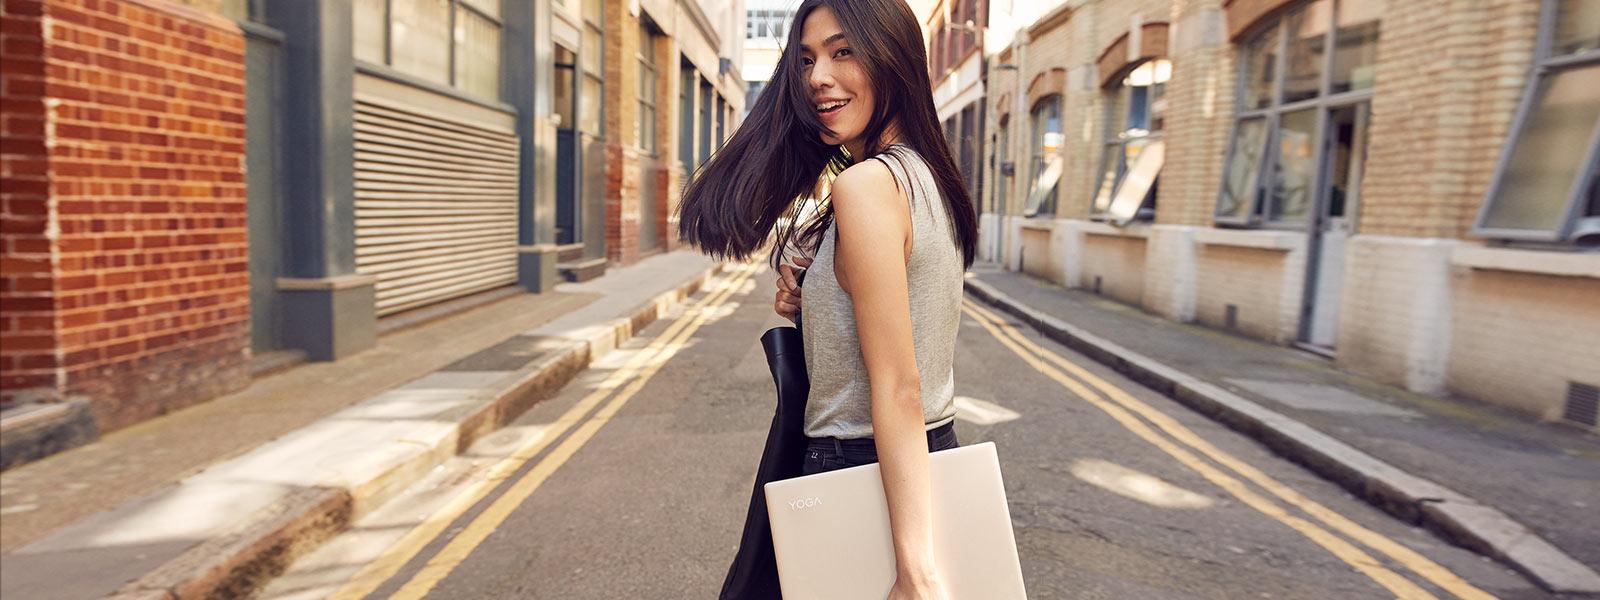 Femme marchant dans la rue avec le Lenovo YOGA910